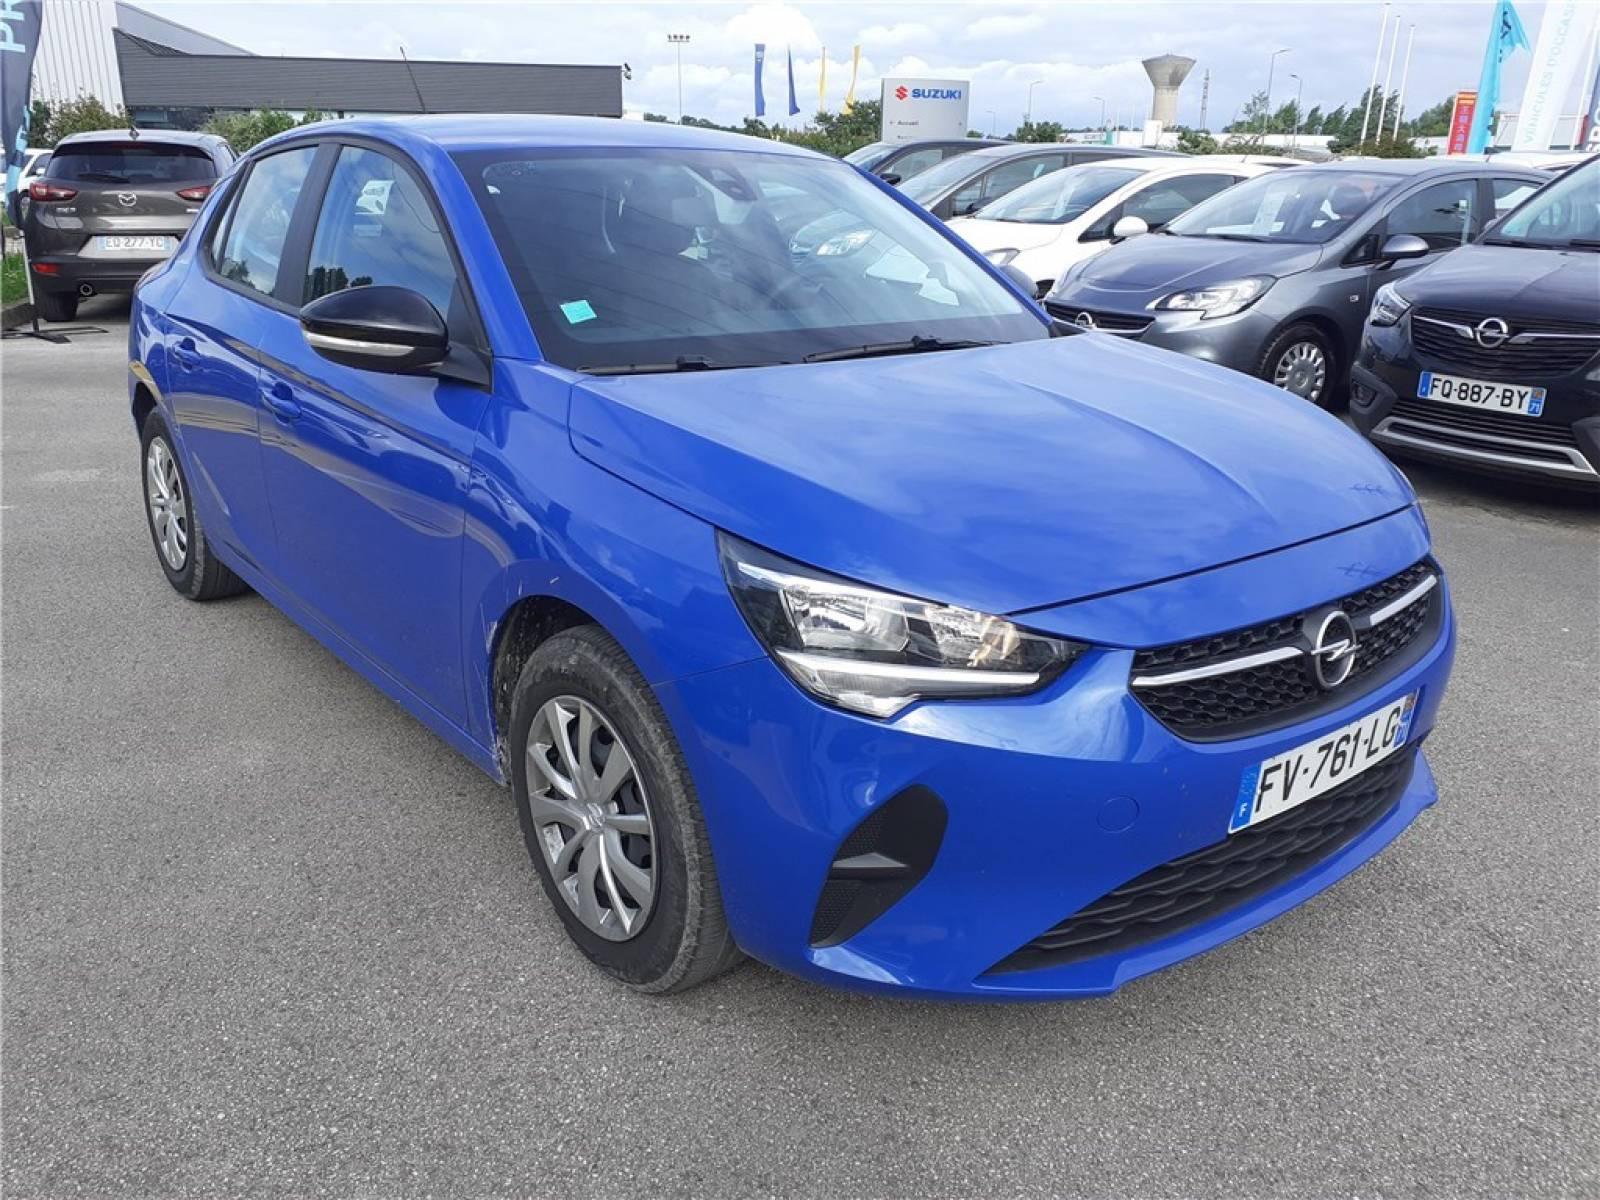 OPEL Corsa 1.2 75 ch BVM5 - véhicule d'occasion - Groupe Guillet - Opel Magicauto - Chalon-sur-Saône - 71380 - Saint-Marcel - 3